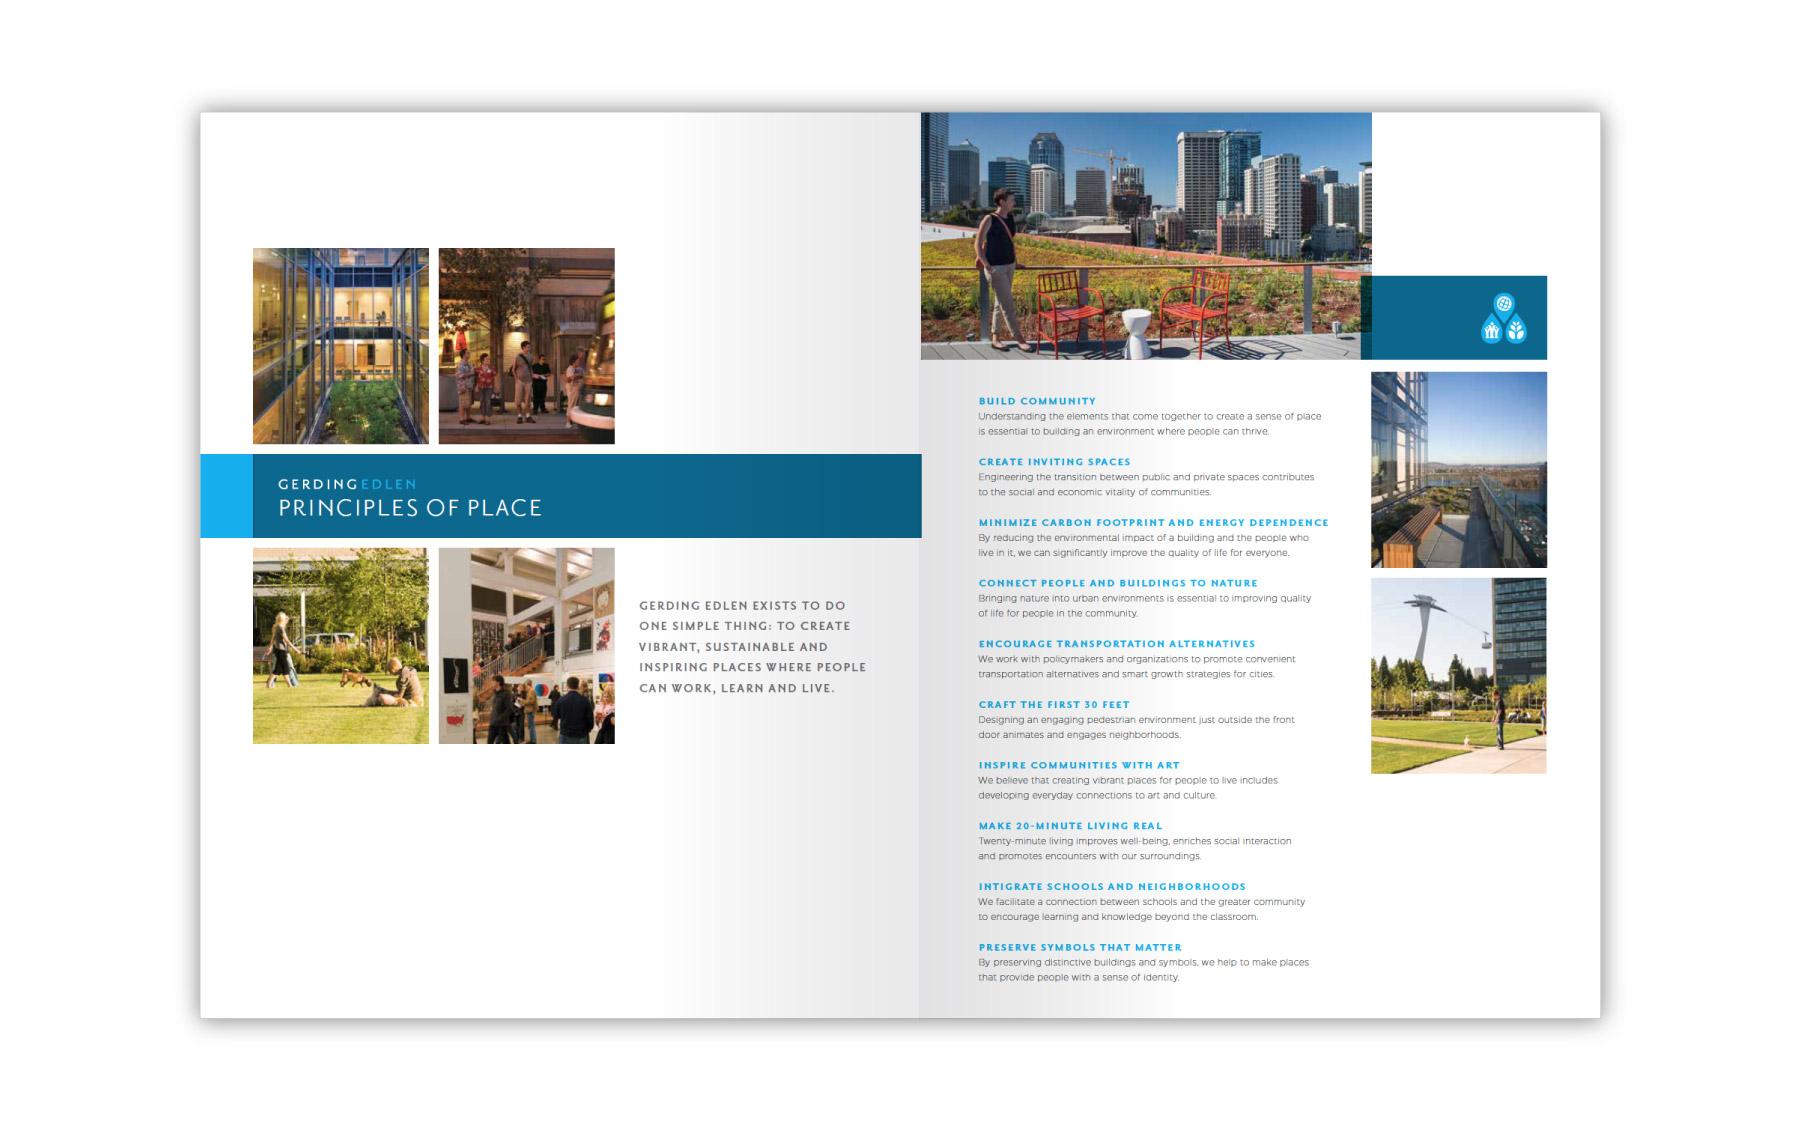 Gerding-Edlen-Sustainability-Report-2.jpg